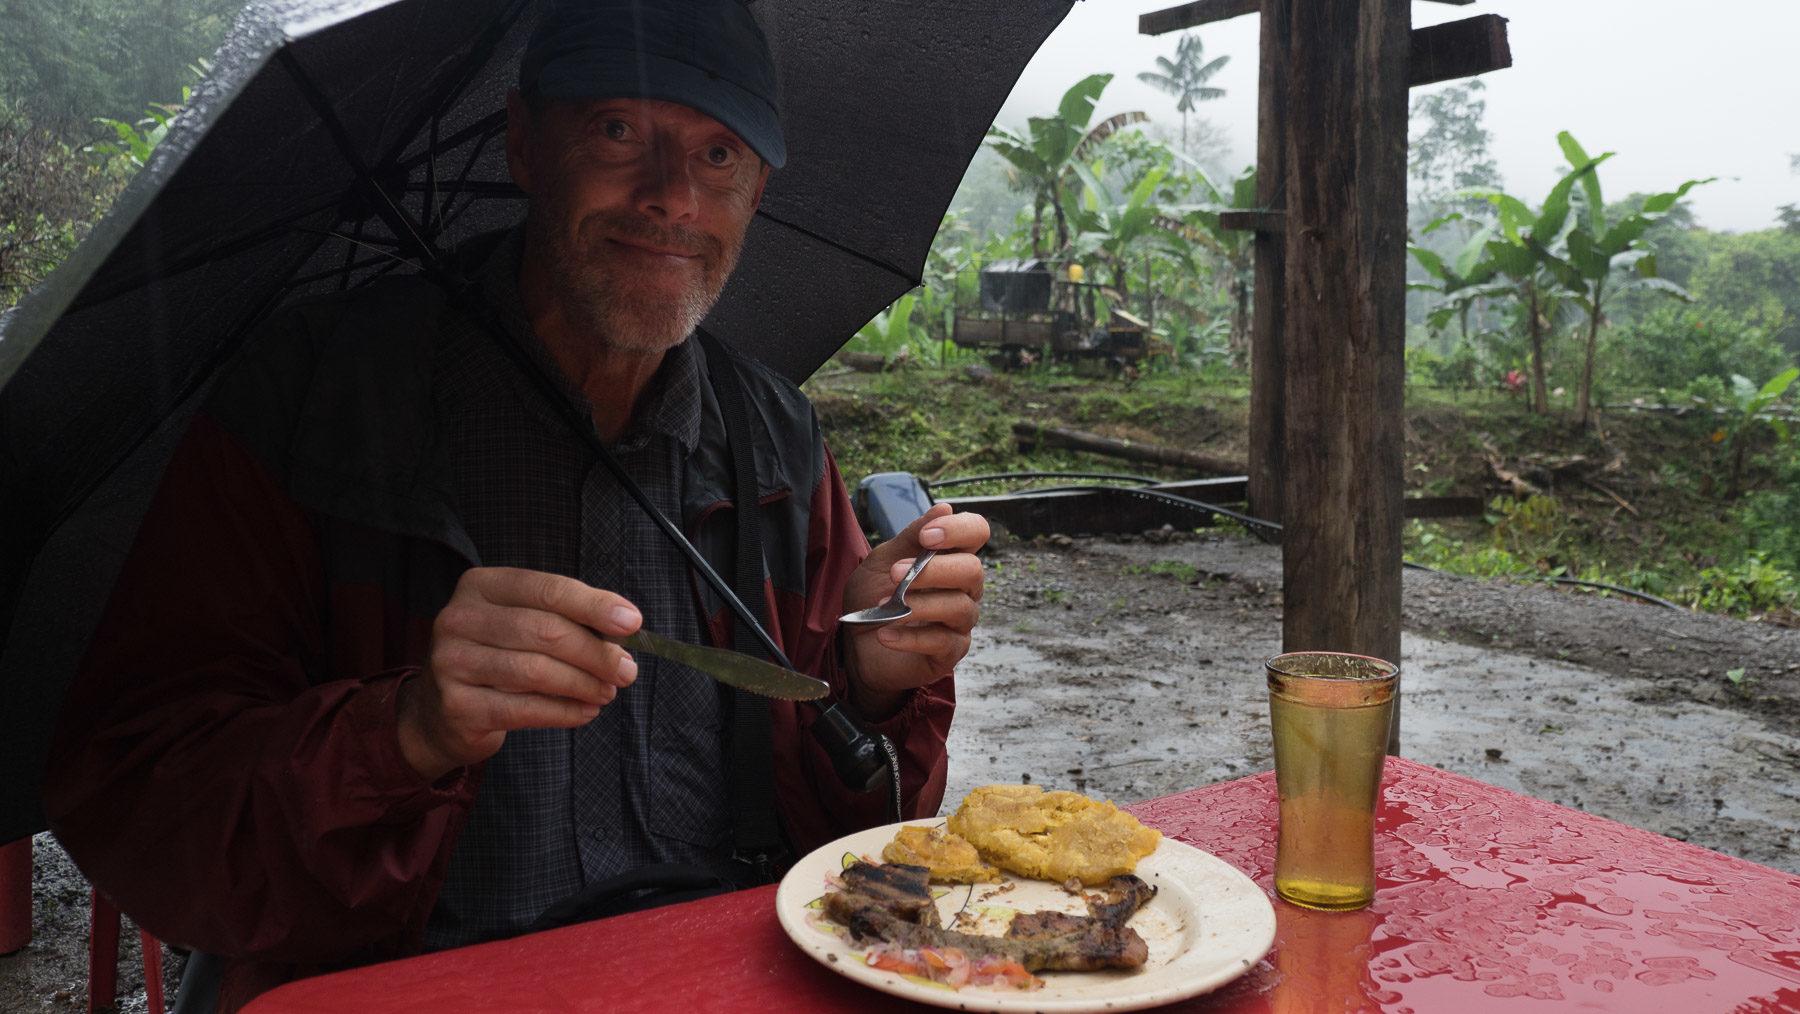 Essen unter verschärften Bedingungen